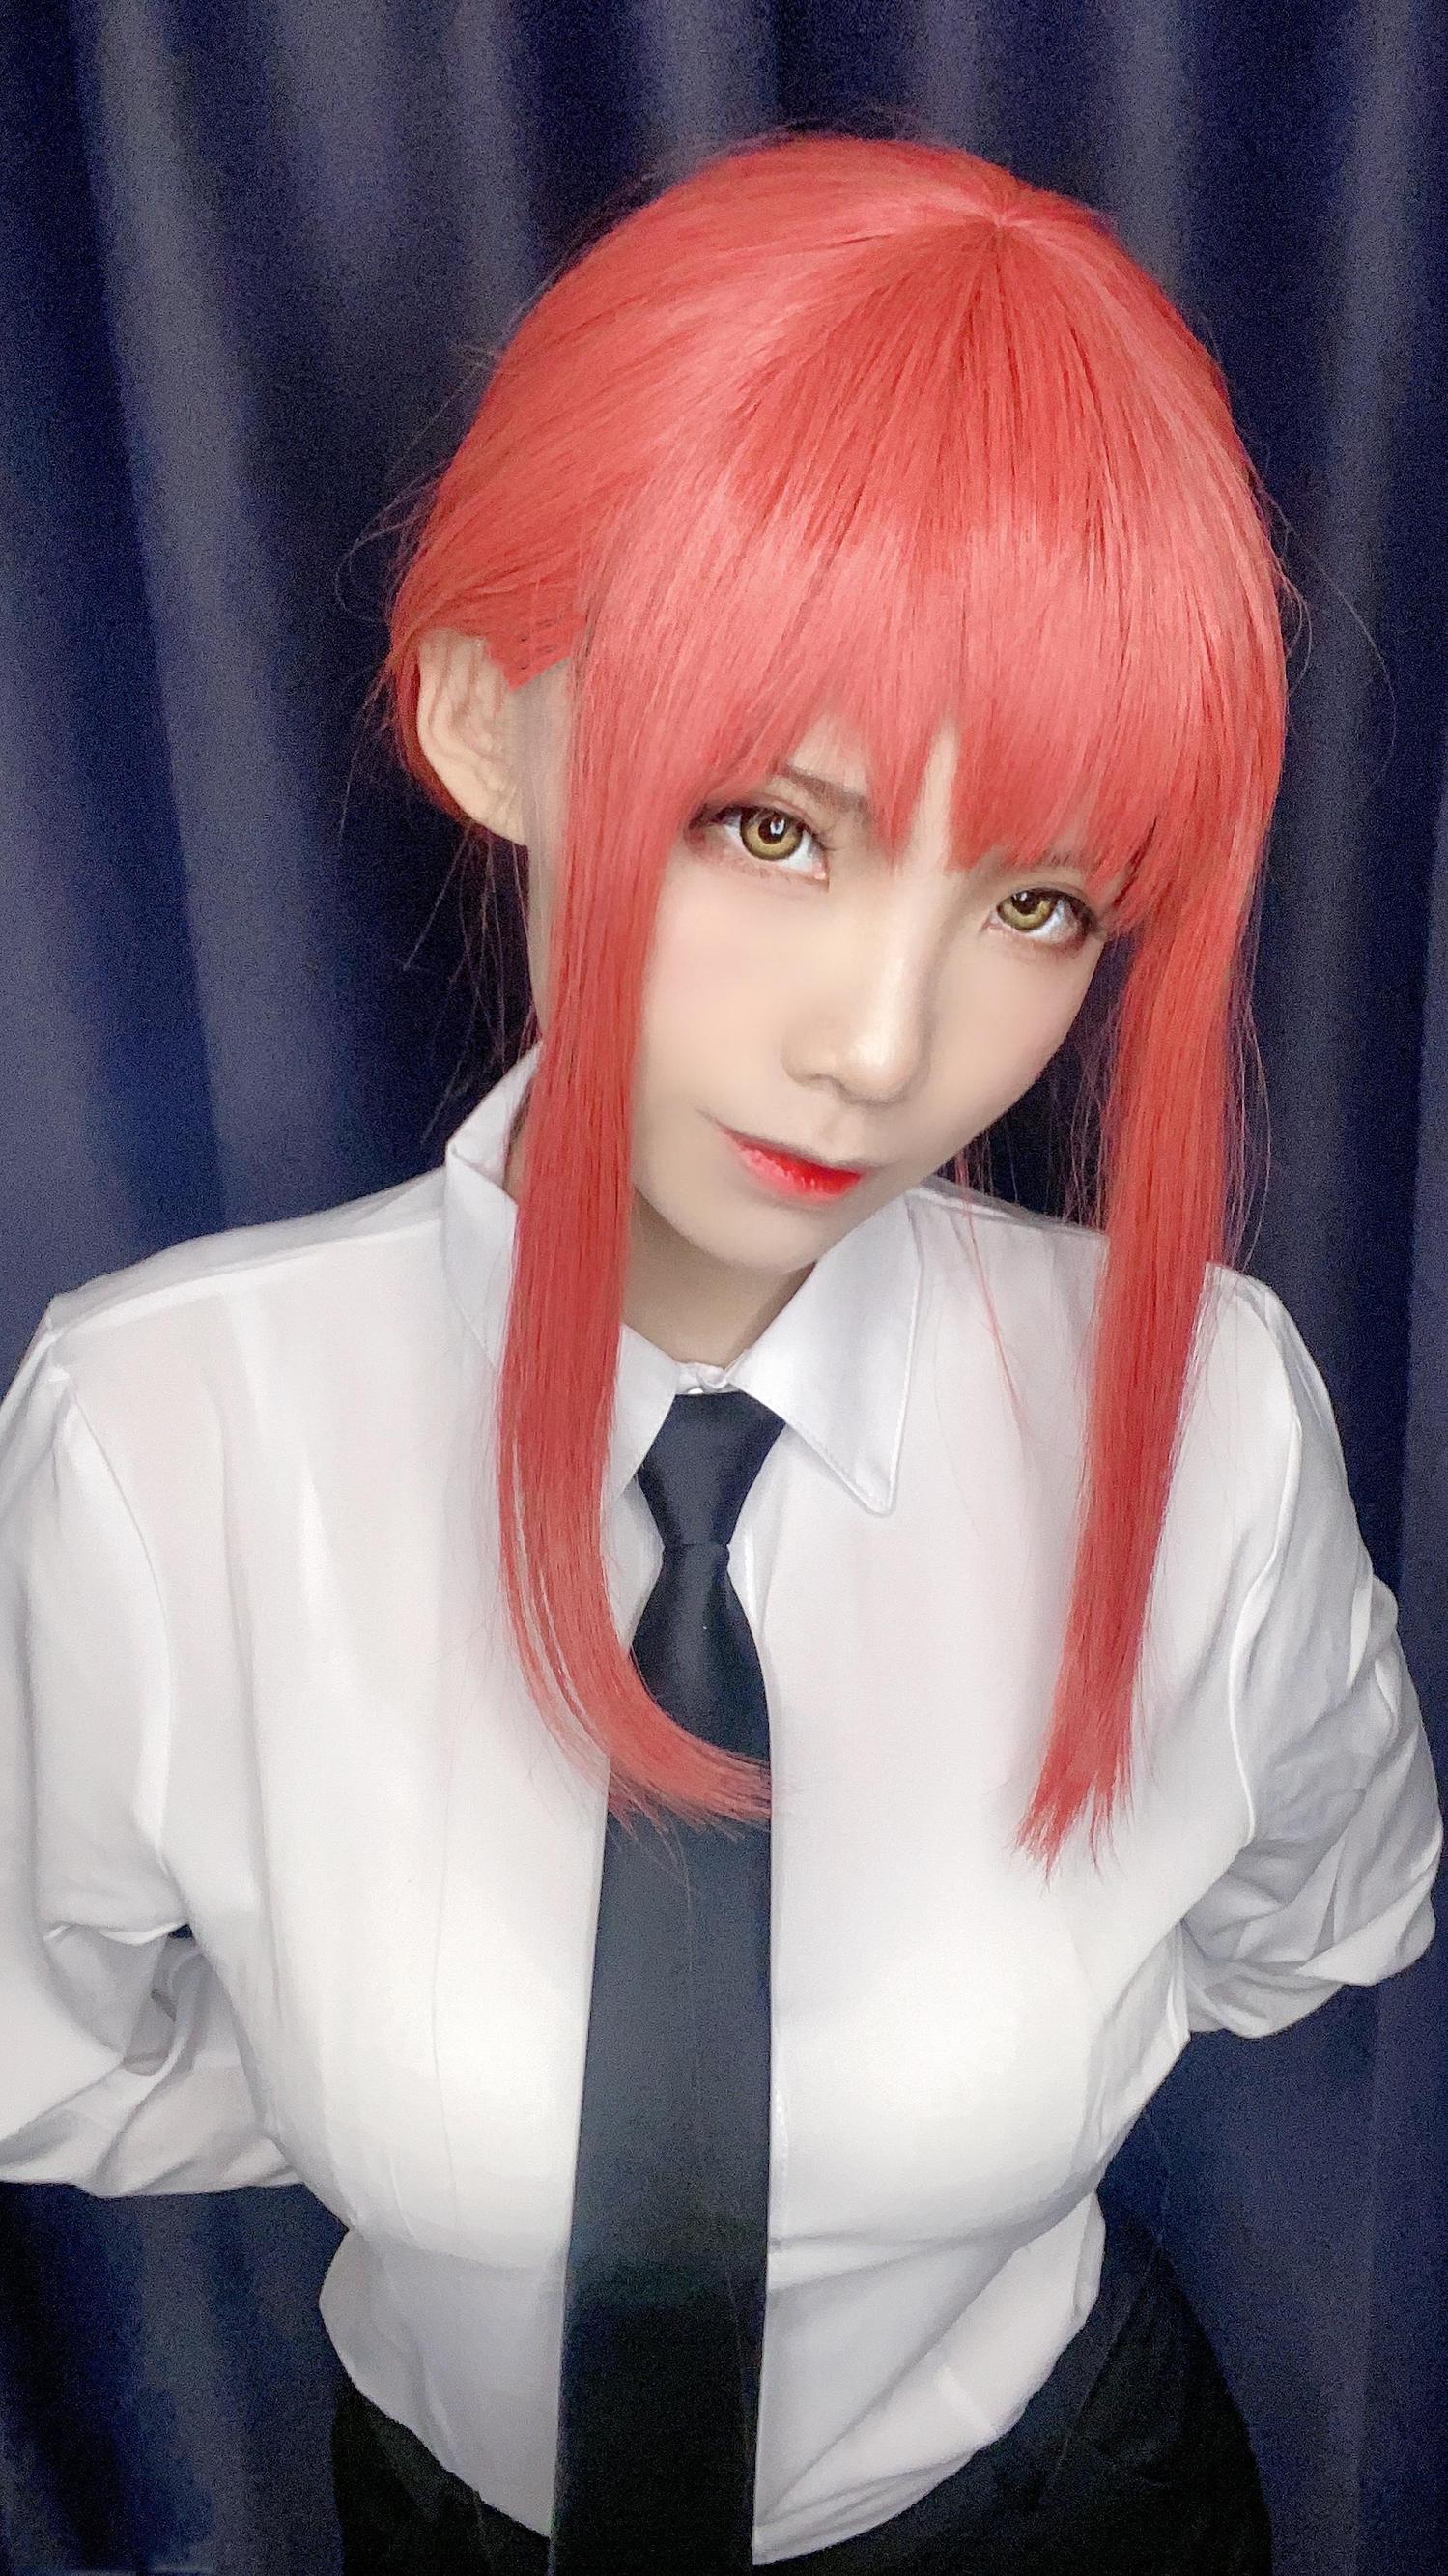 电锯cosplay【CN:一粒榛子-】-第6张